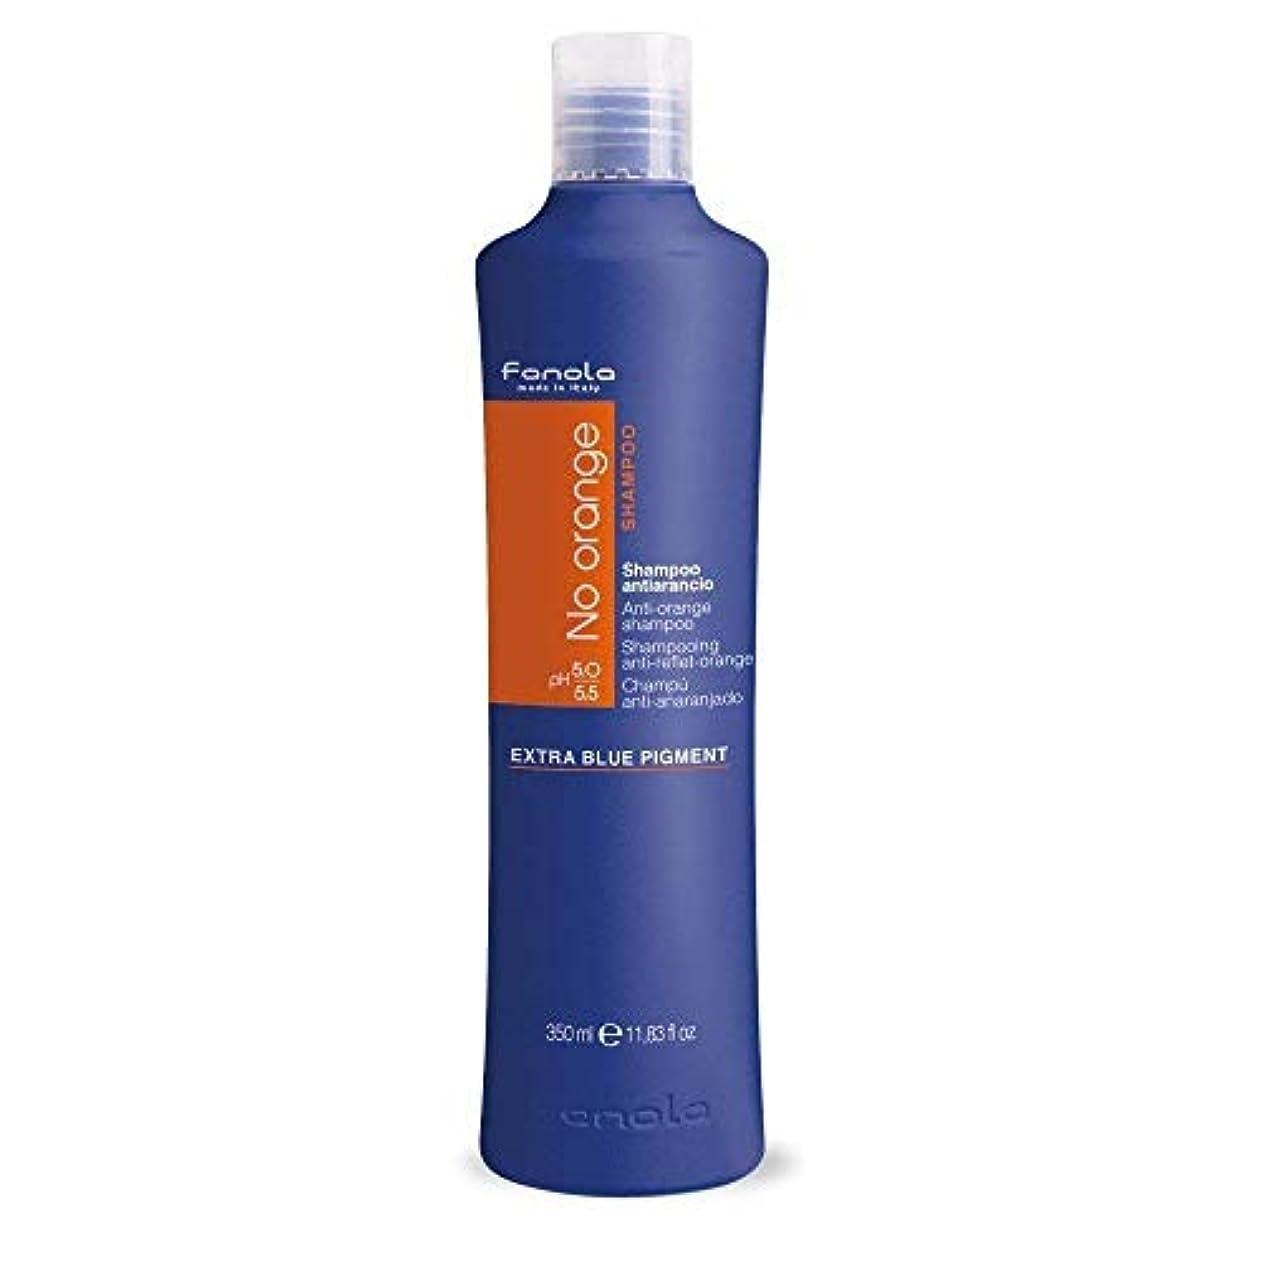 証人調停する促進するFanola No Orange Shampoo 350 ml  青カラーシャンプー ノーオレンジ シャンプー 海外直送 [並行輸入品]